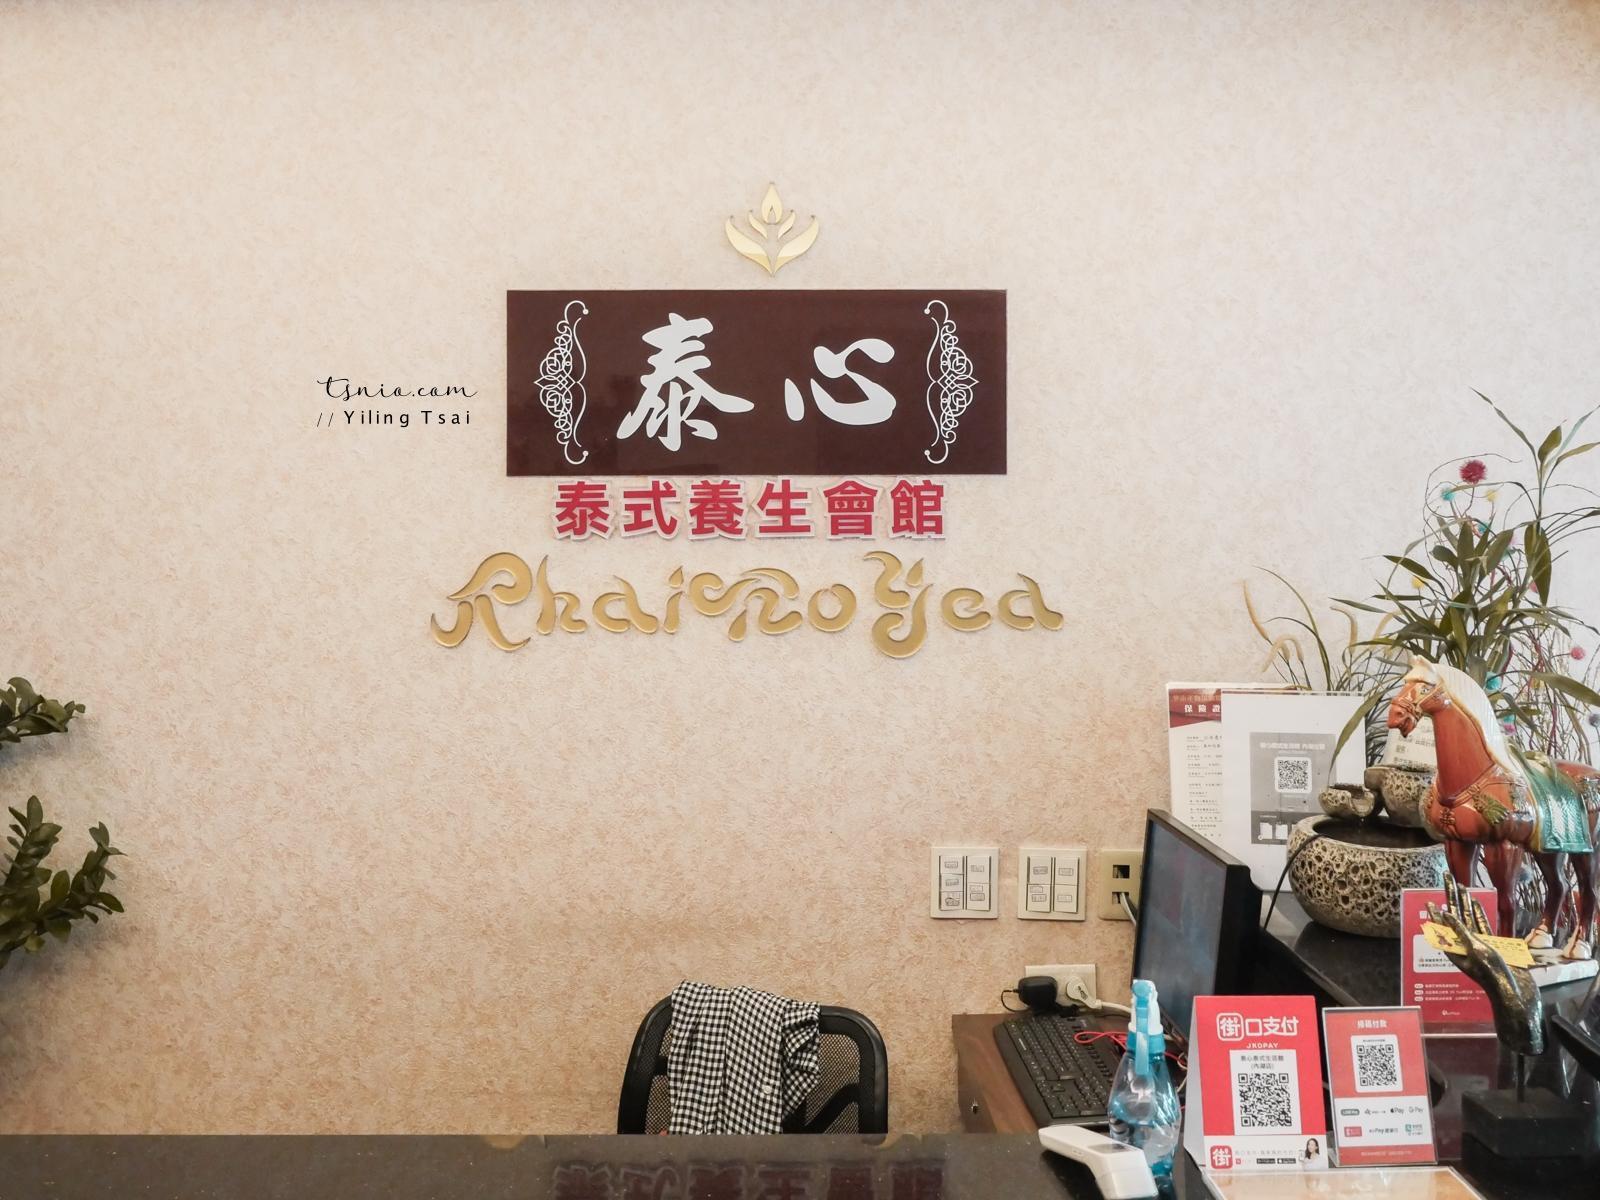 台北按摩推薦 泰心泰式 SPA 生活館 泰國按摩師專業服務